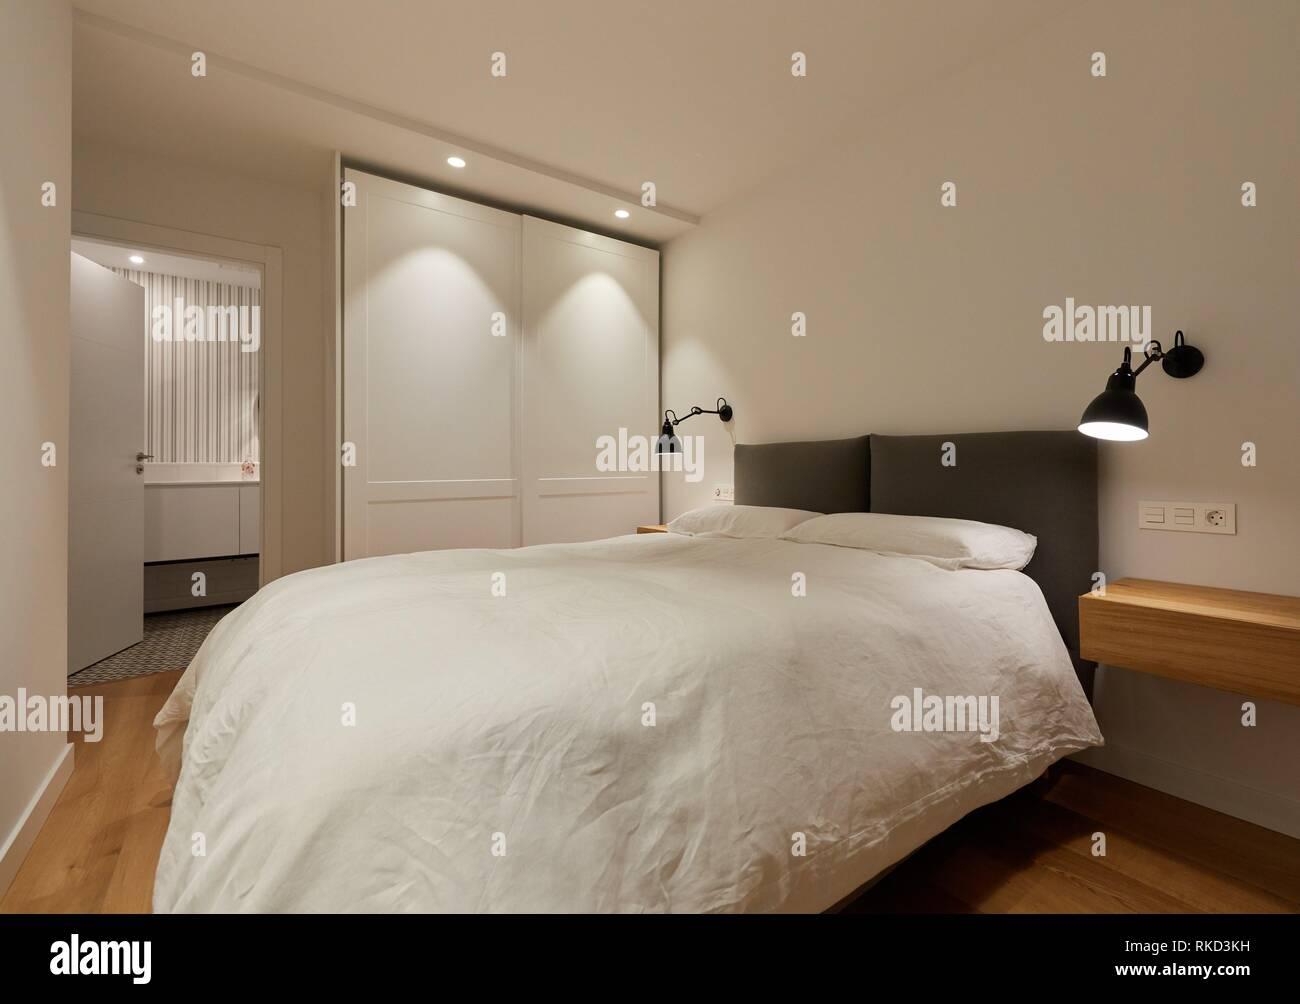 Schlafzimmer, Beleuchtung, Innenausstattung von Gehäuse, Oñati, Gipuzkoa, Baskenland, Spanien, Europa Stockbild